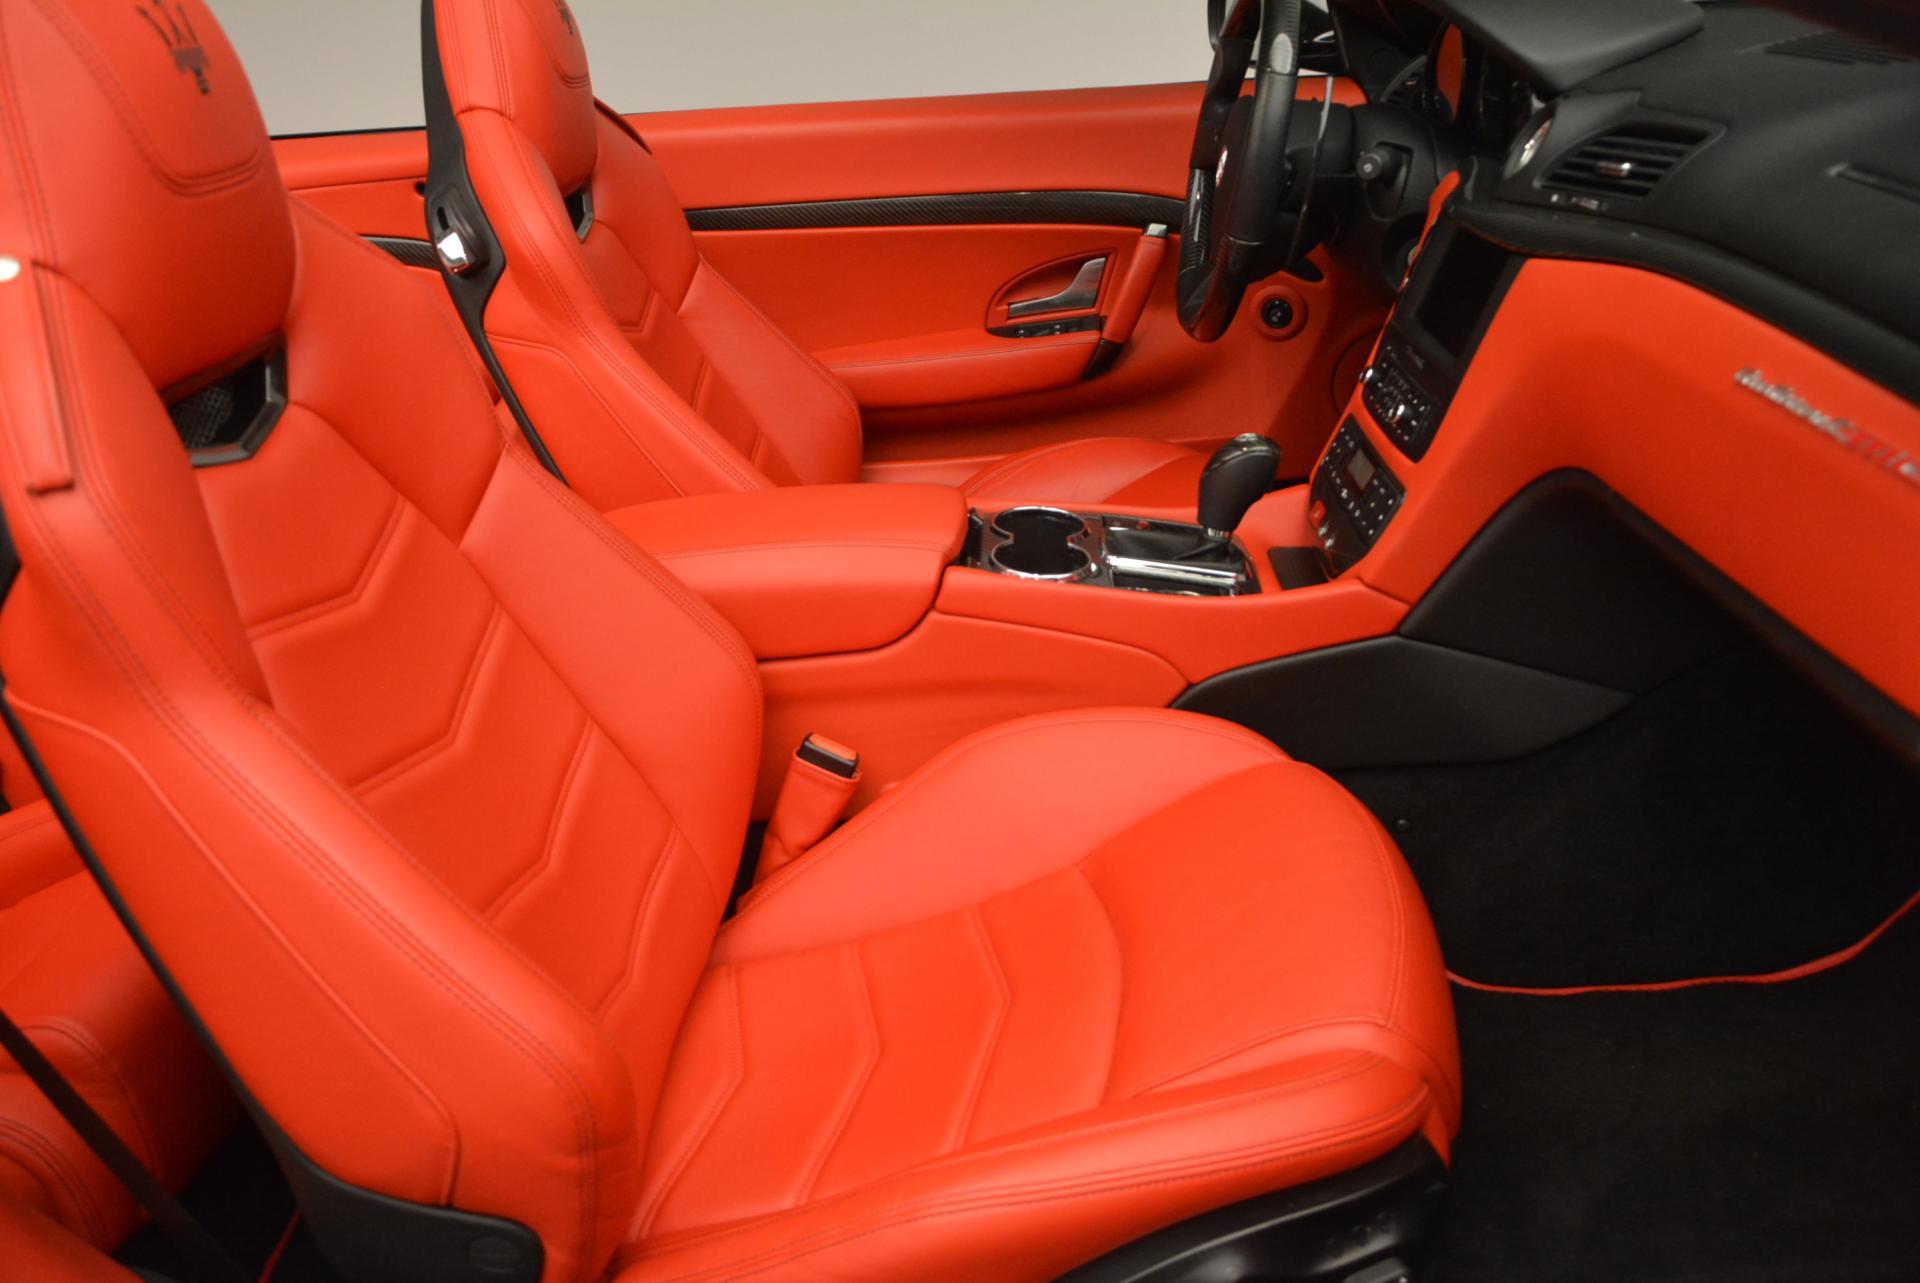 Used 2013 Maserati GranTurismo MC For Sale In Greenwich, CT. Alfa Romeo of Greenwich, 7081 521_p28